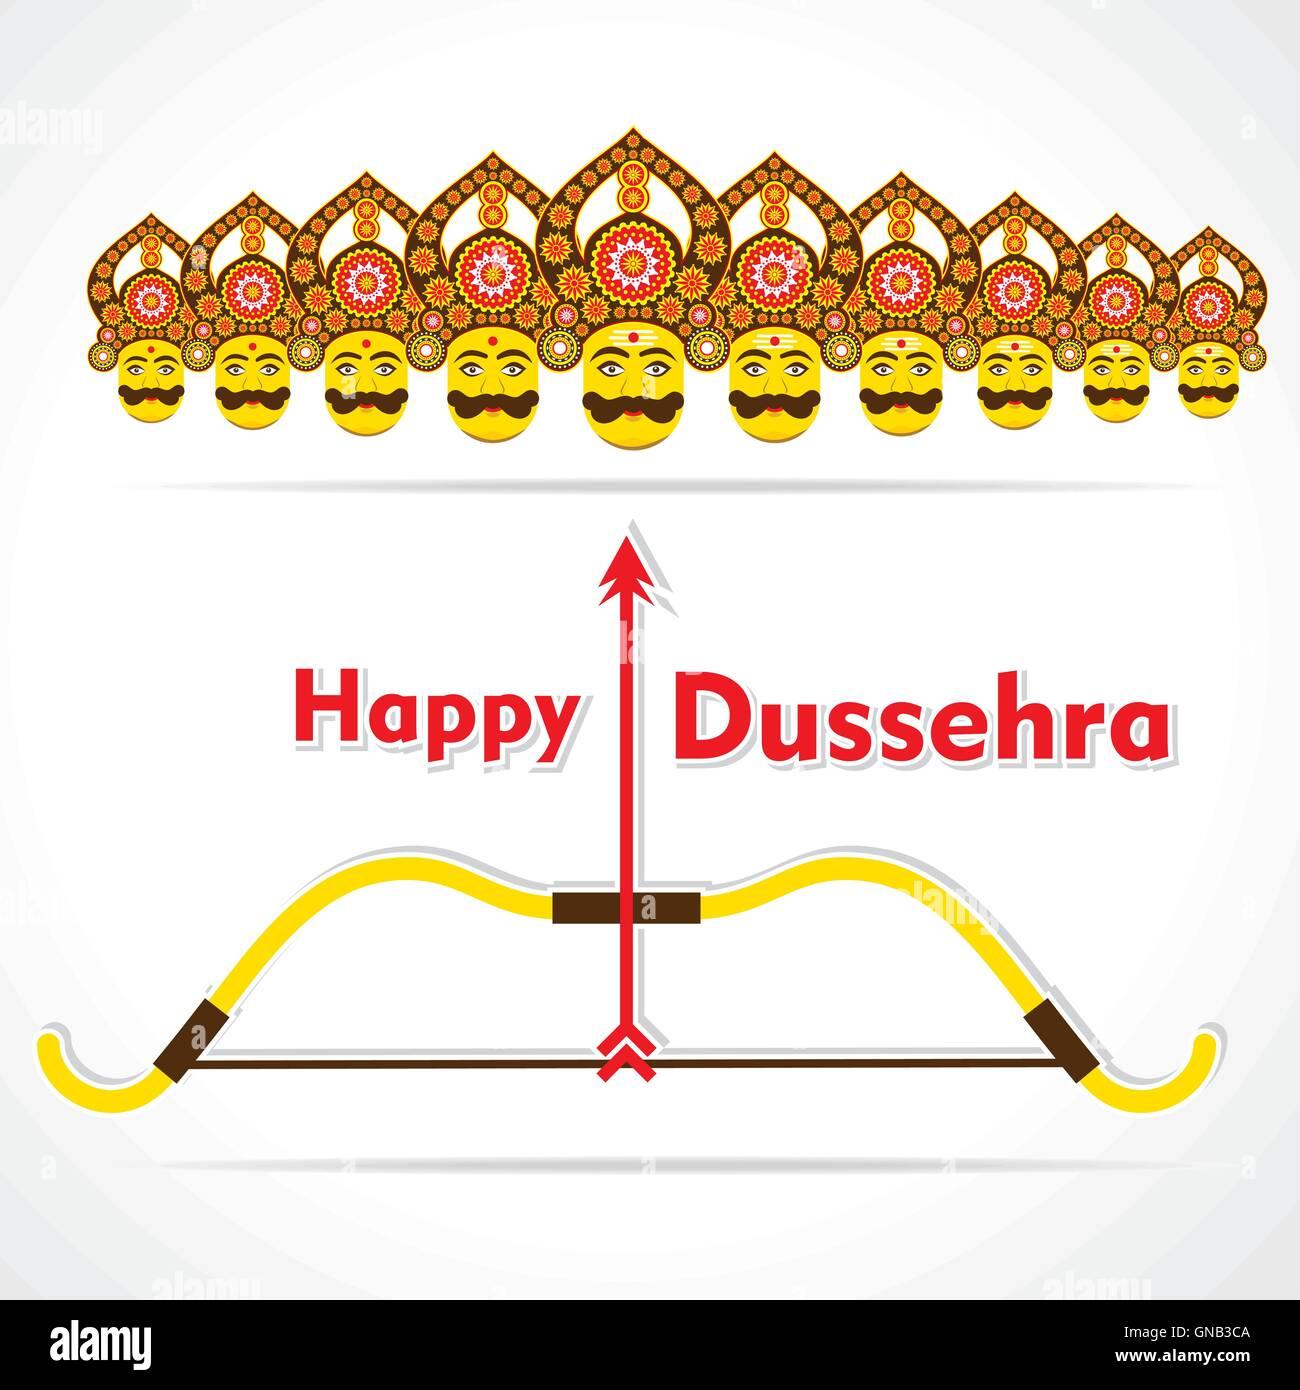 Happy dussehra greeting card or poster design stock vector art happy dussehra greeting card or poster design m4hsunfo